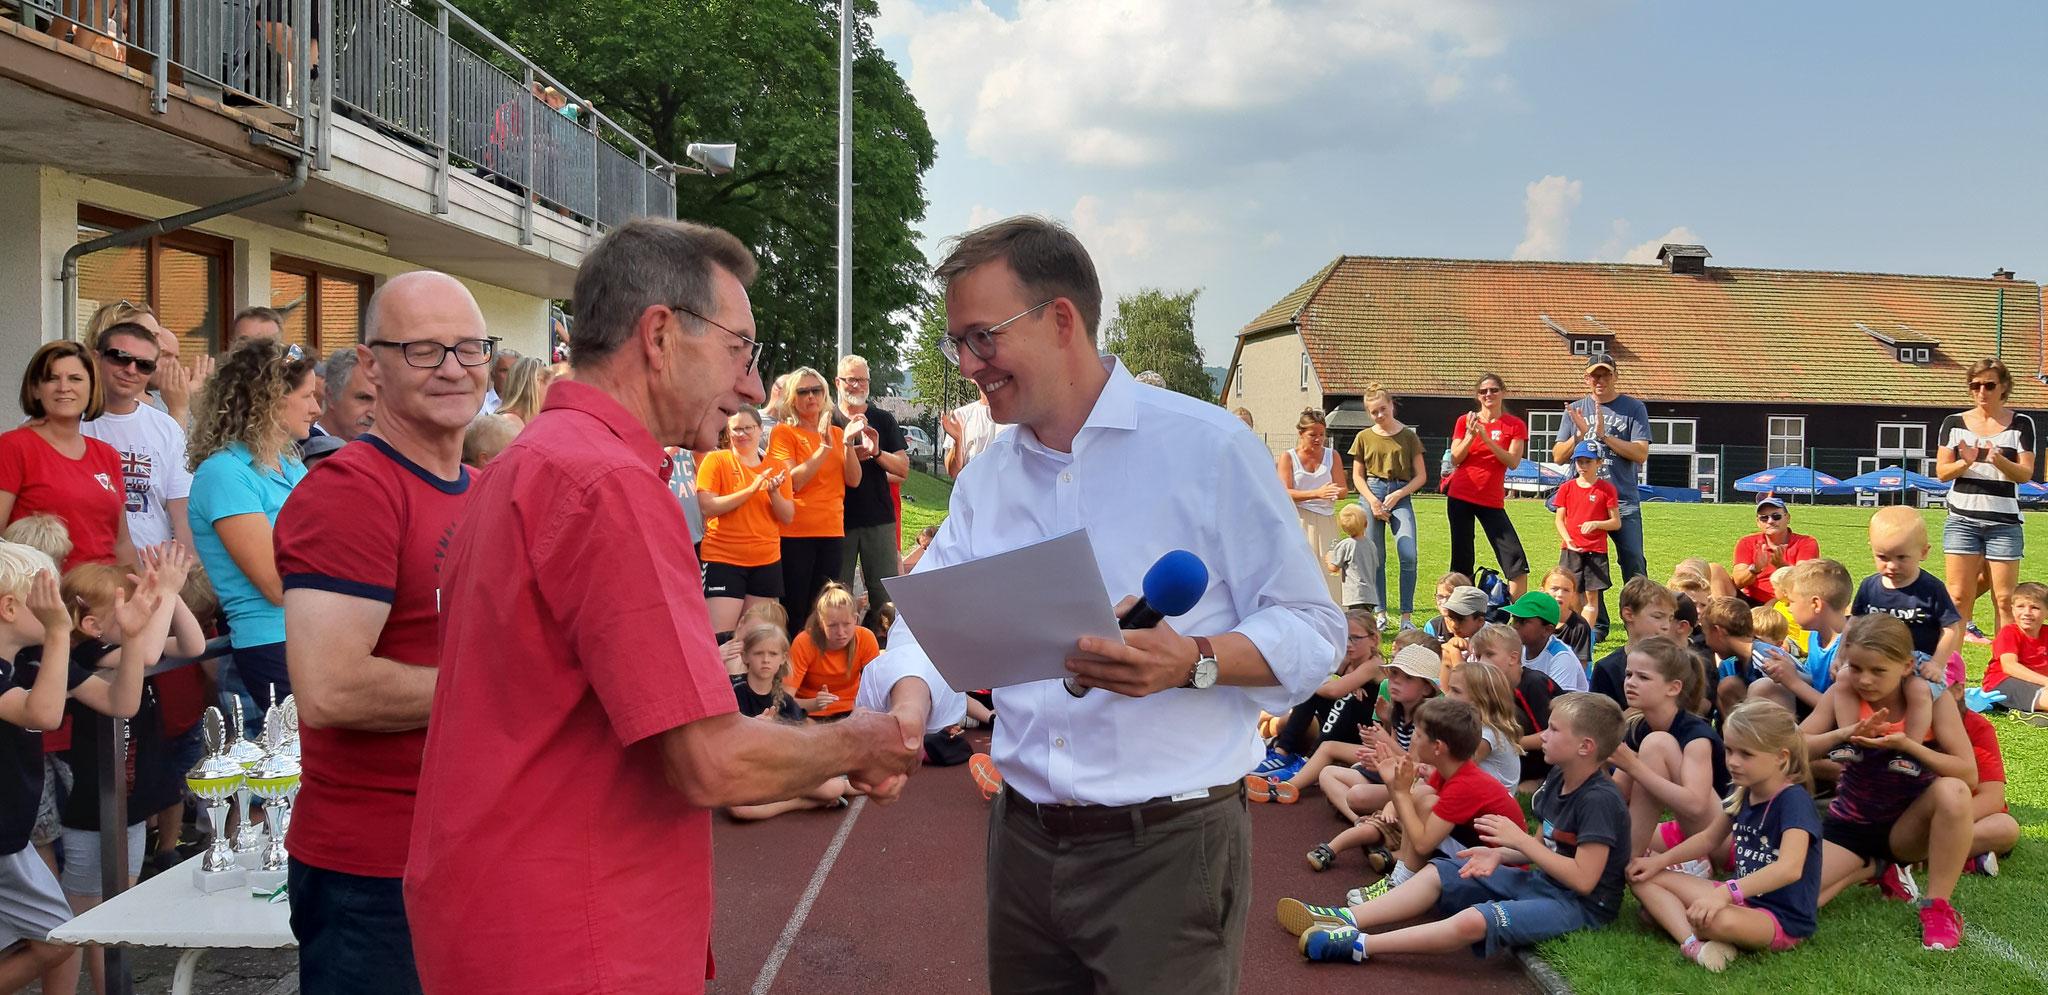 Erster Kreisbeigeordneter Frederik Schmitt übergibt den Förderbescheid für das Fest.